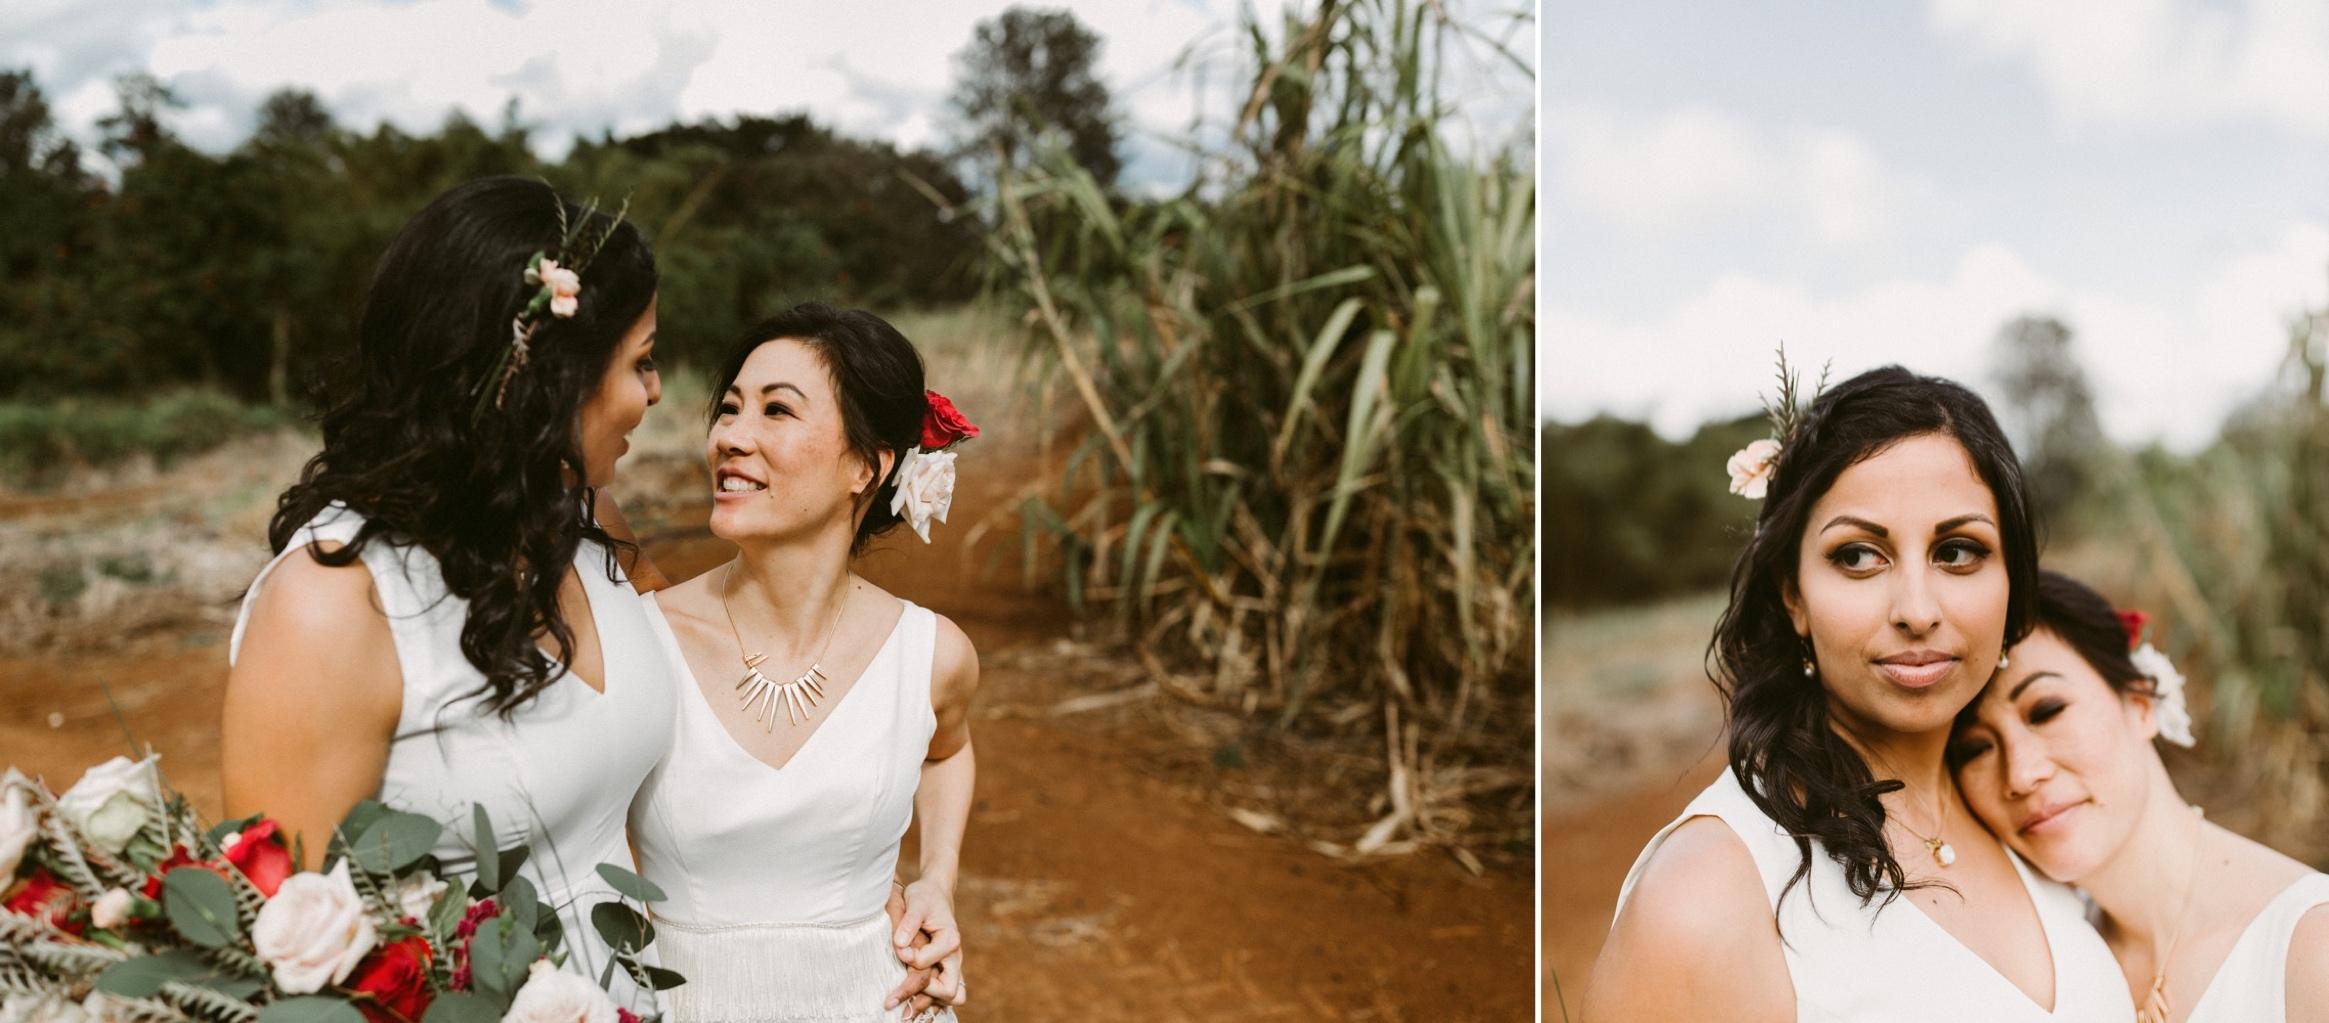 29_Oahu Hawaii Wedding  (92 of 294)_Oahu Hawaii Wedding  (96 of 294)_Oahu_sex_Hawaii_same_wedding_elopement_photographer.jpg